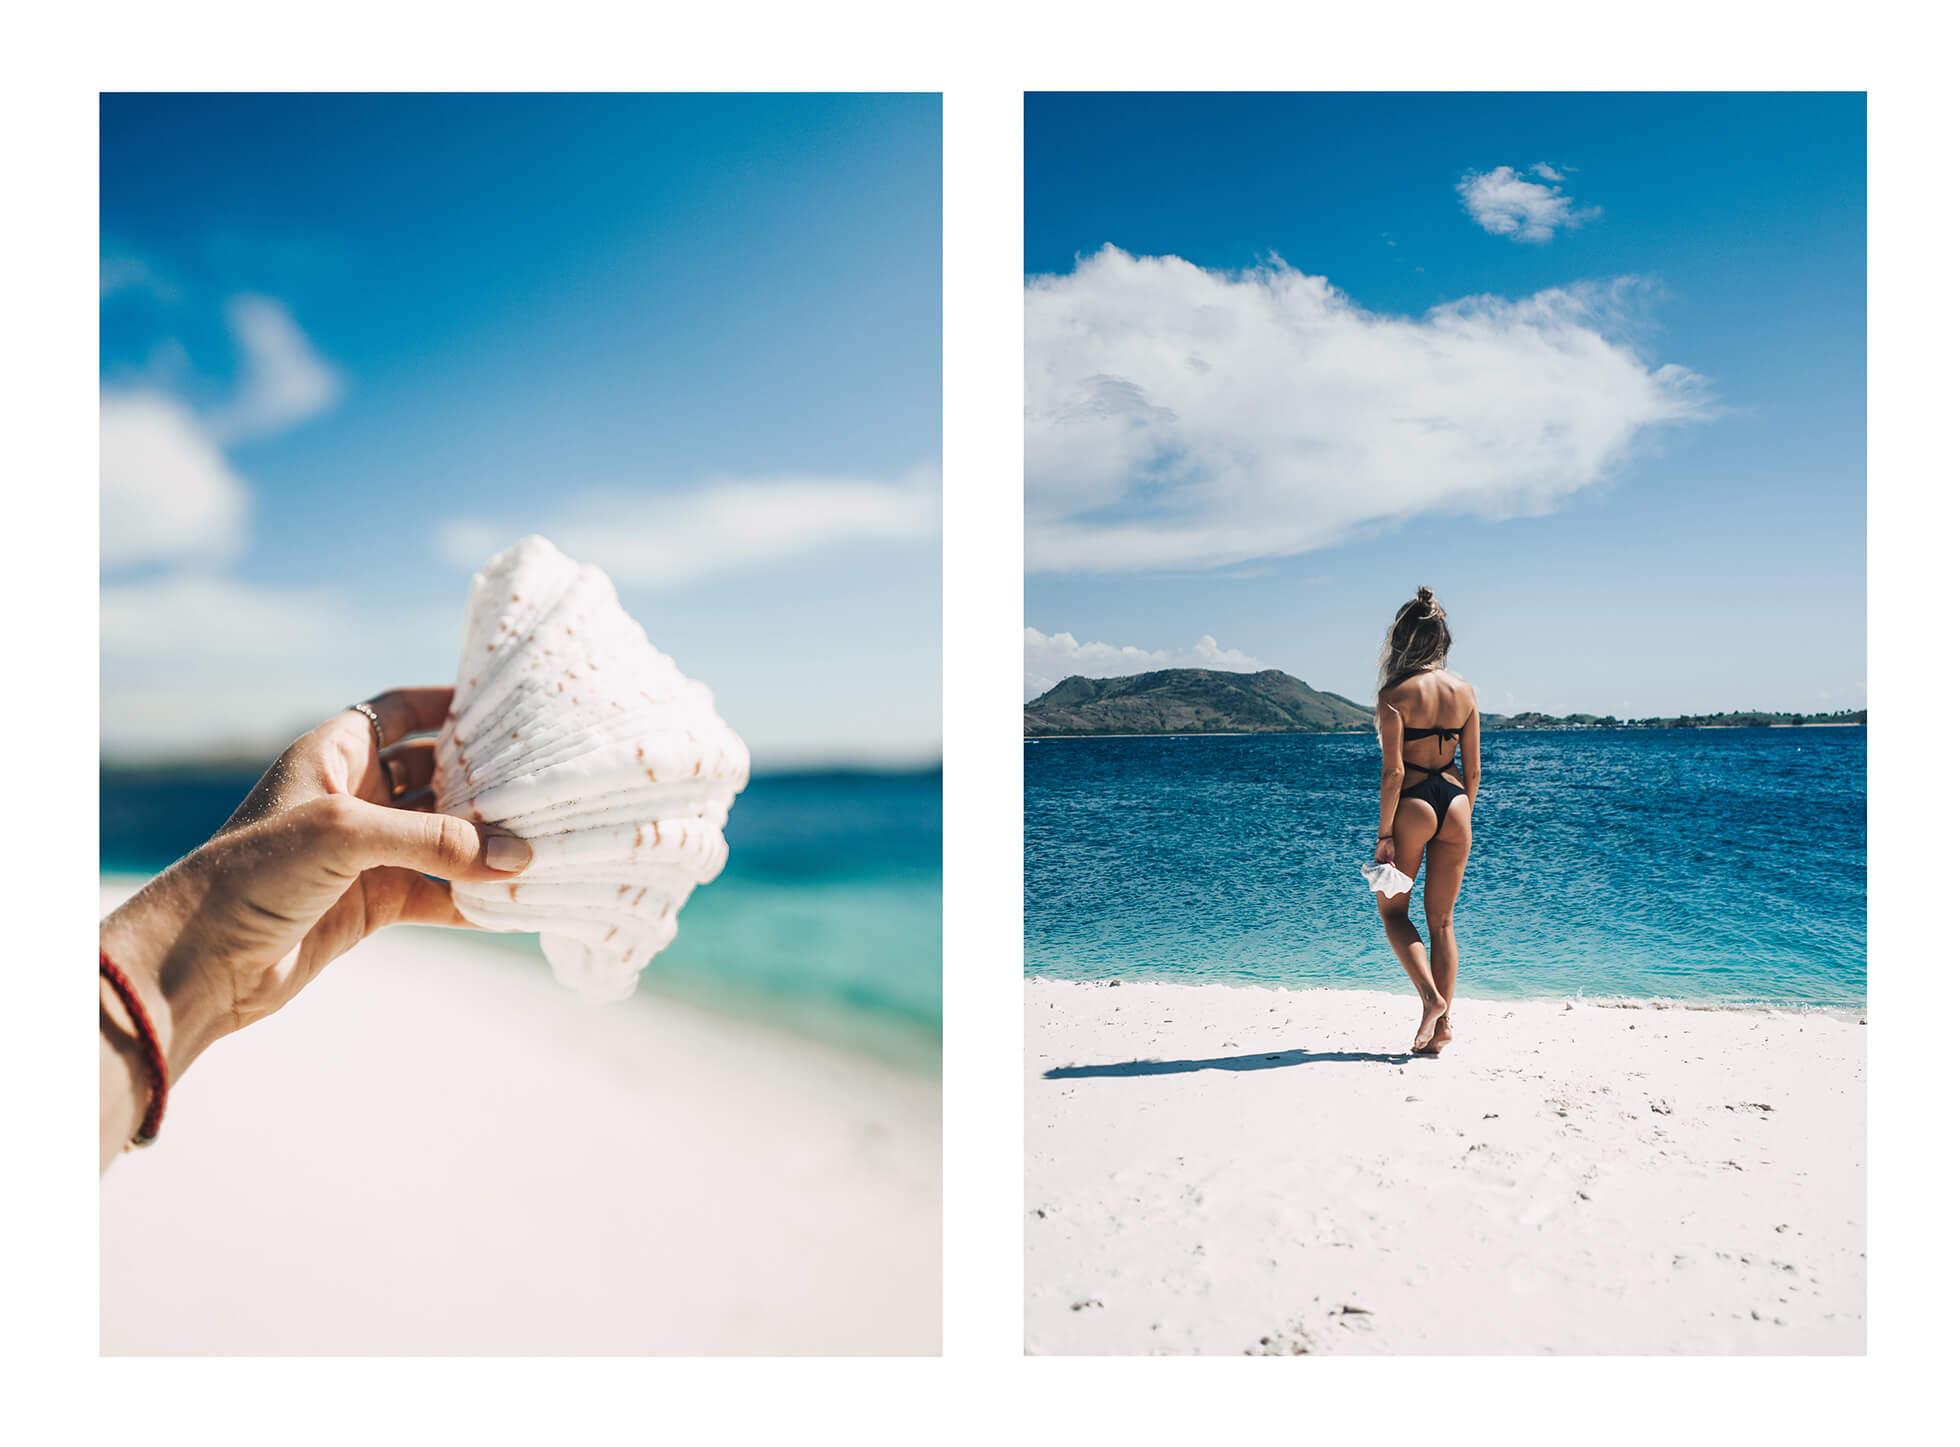 janni-deler-sea-shell-beachl1030338-copy